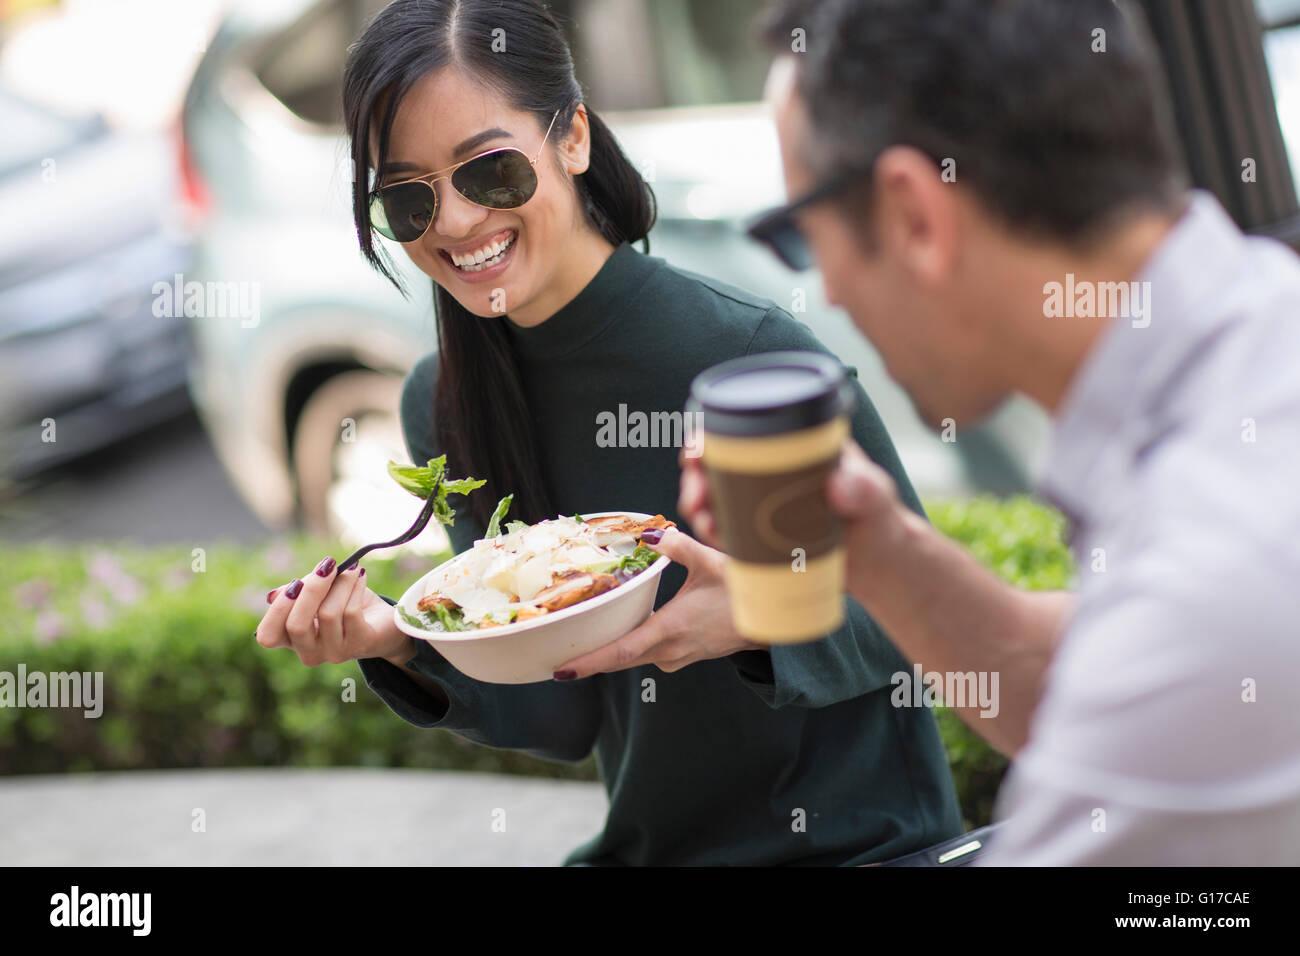 Coppia al cafè sul marciapiede godendo il pranzo Immagini Stock